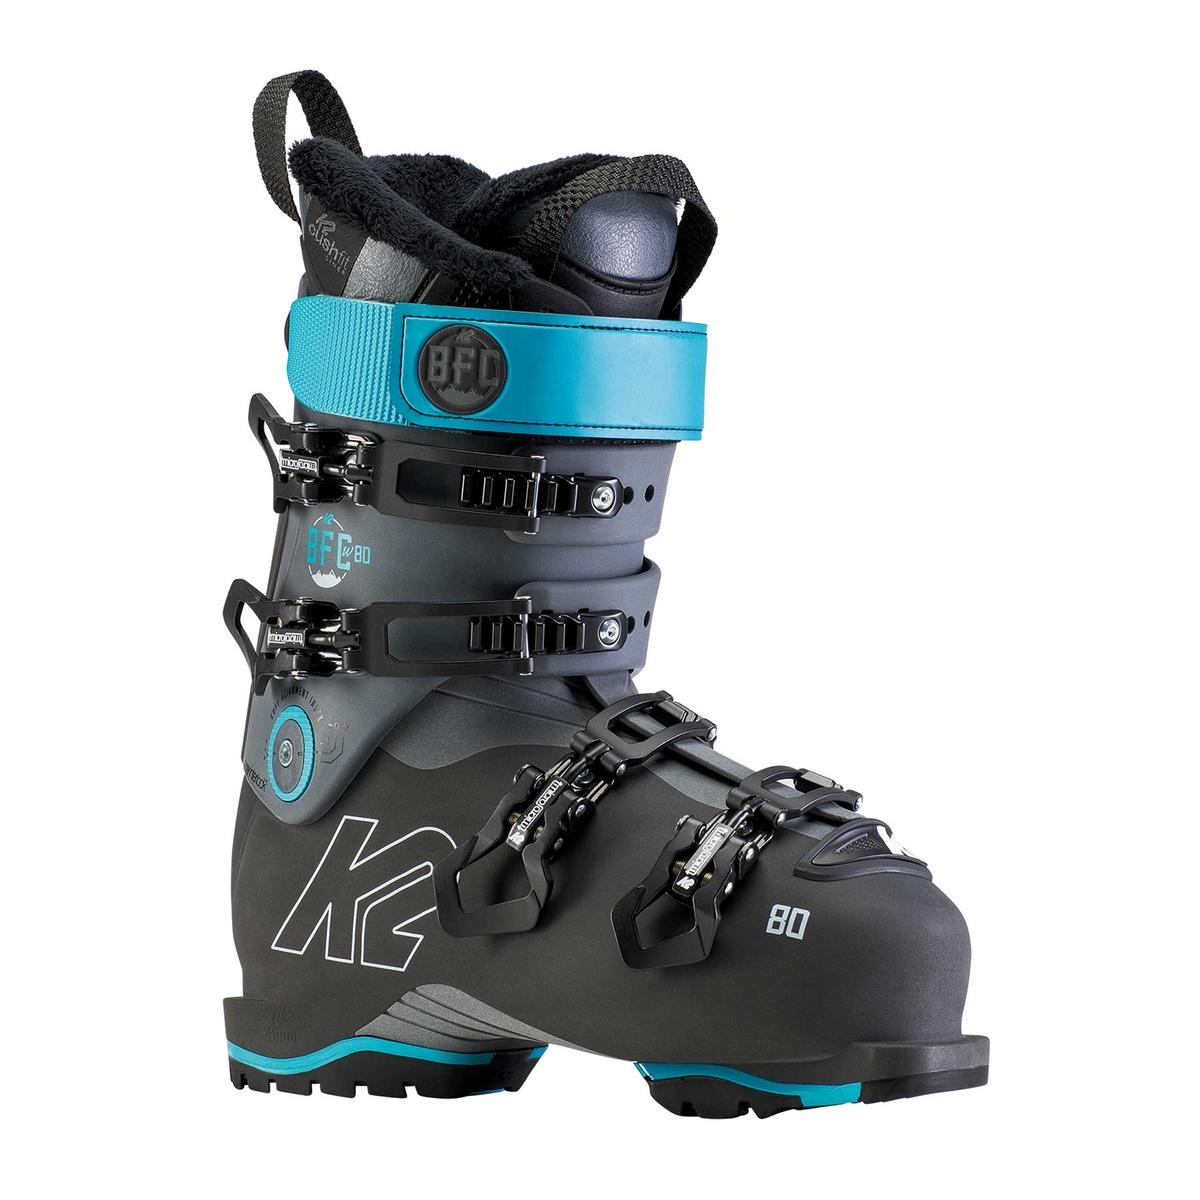 Prezzi K2 b.f.c. 80 donna